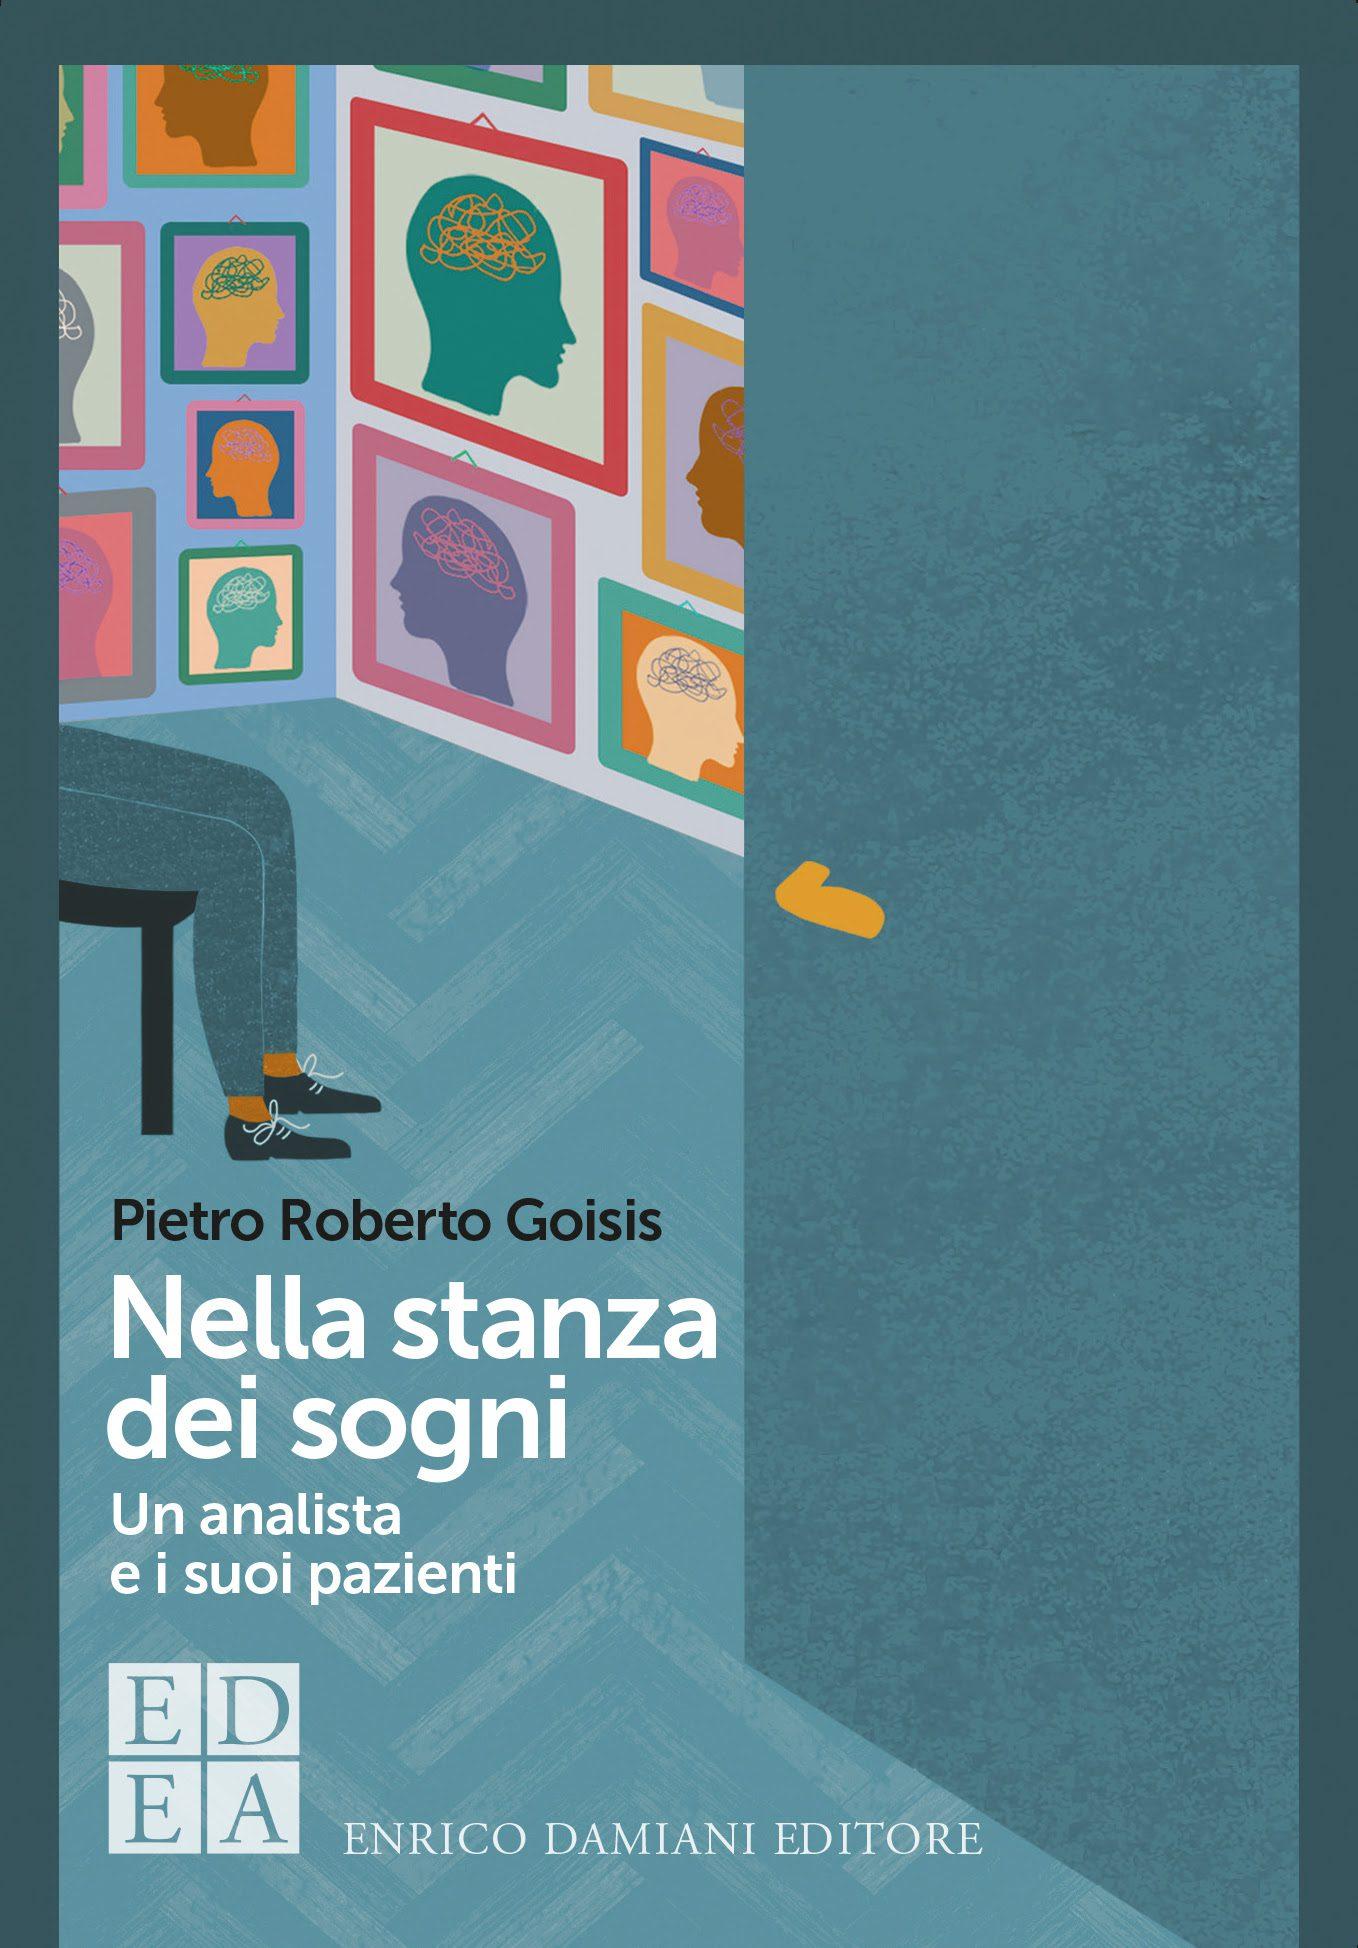 Nella stanza dei sogni di Pietro Roberto Goisis